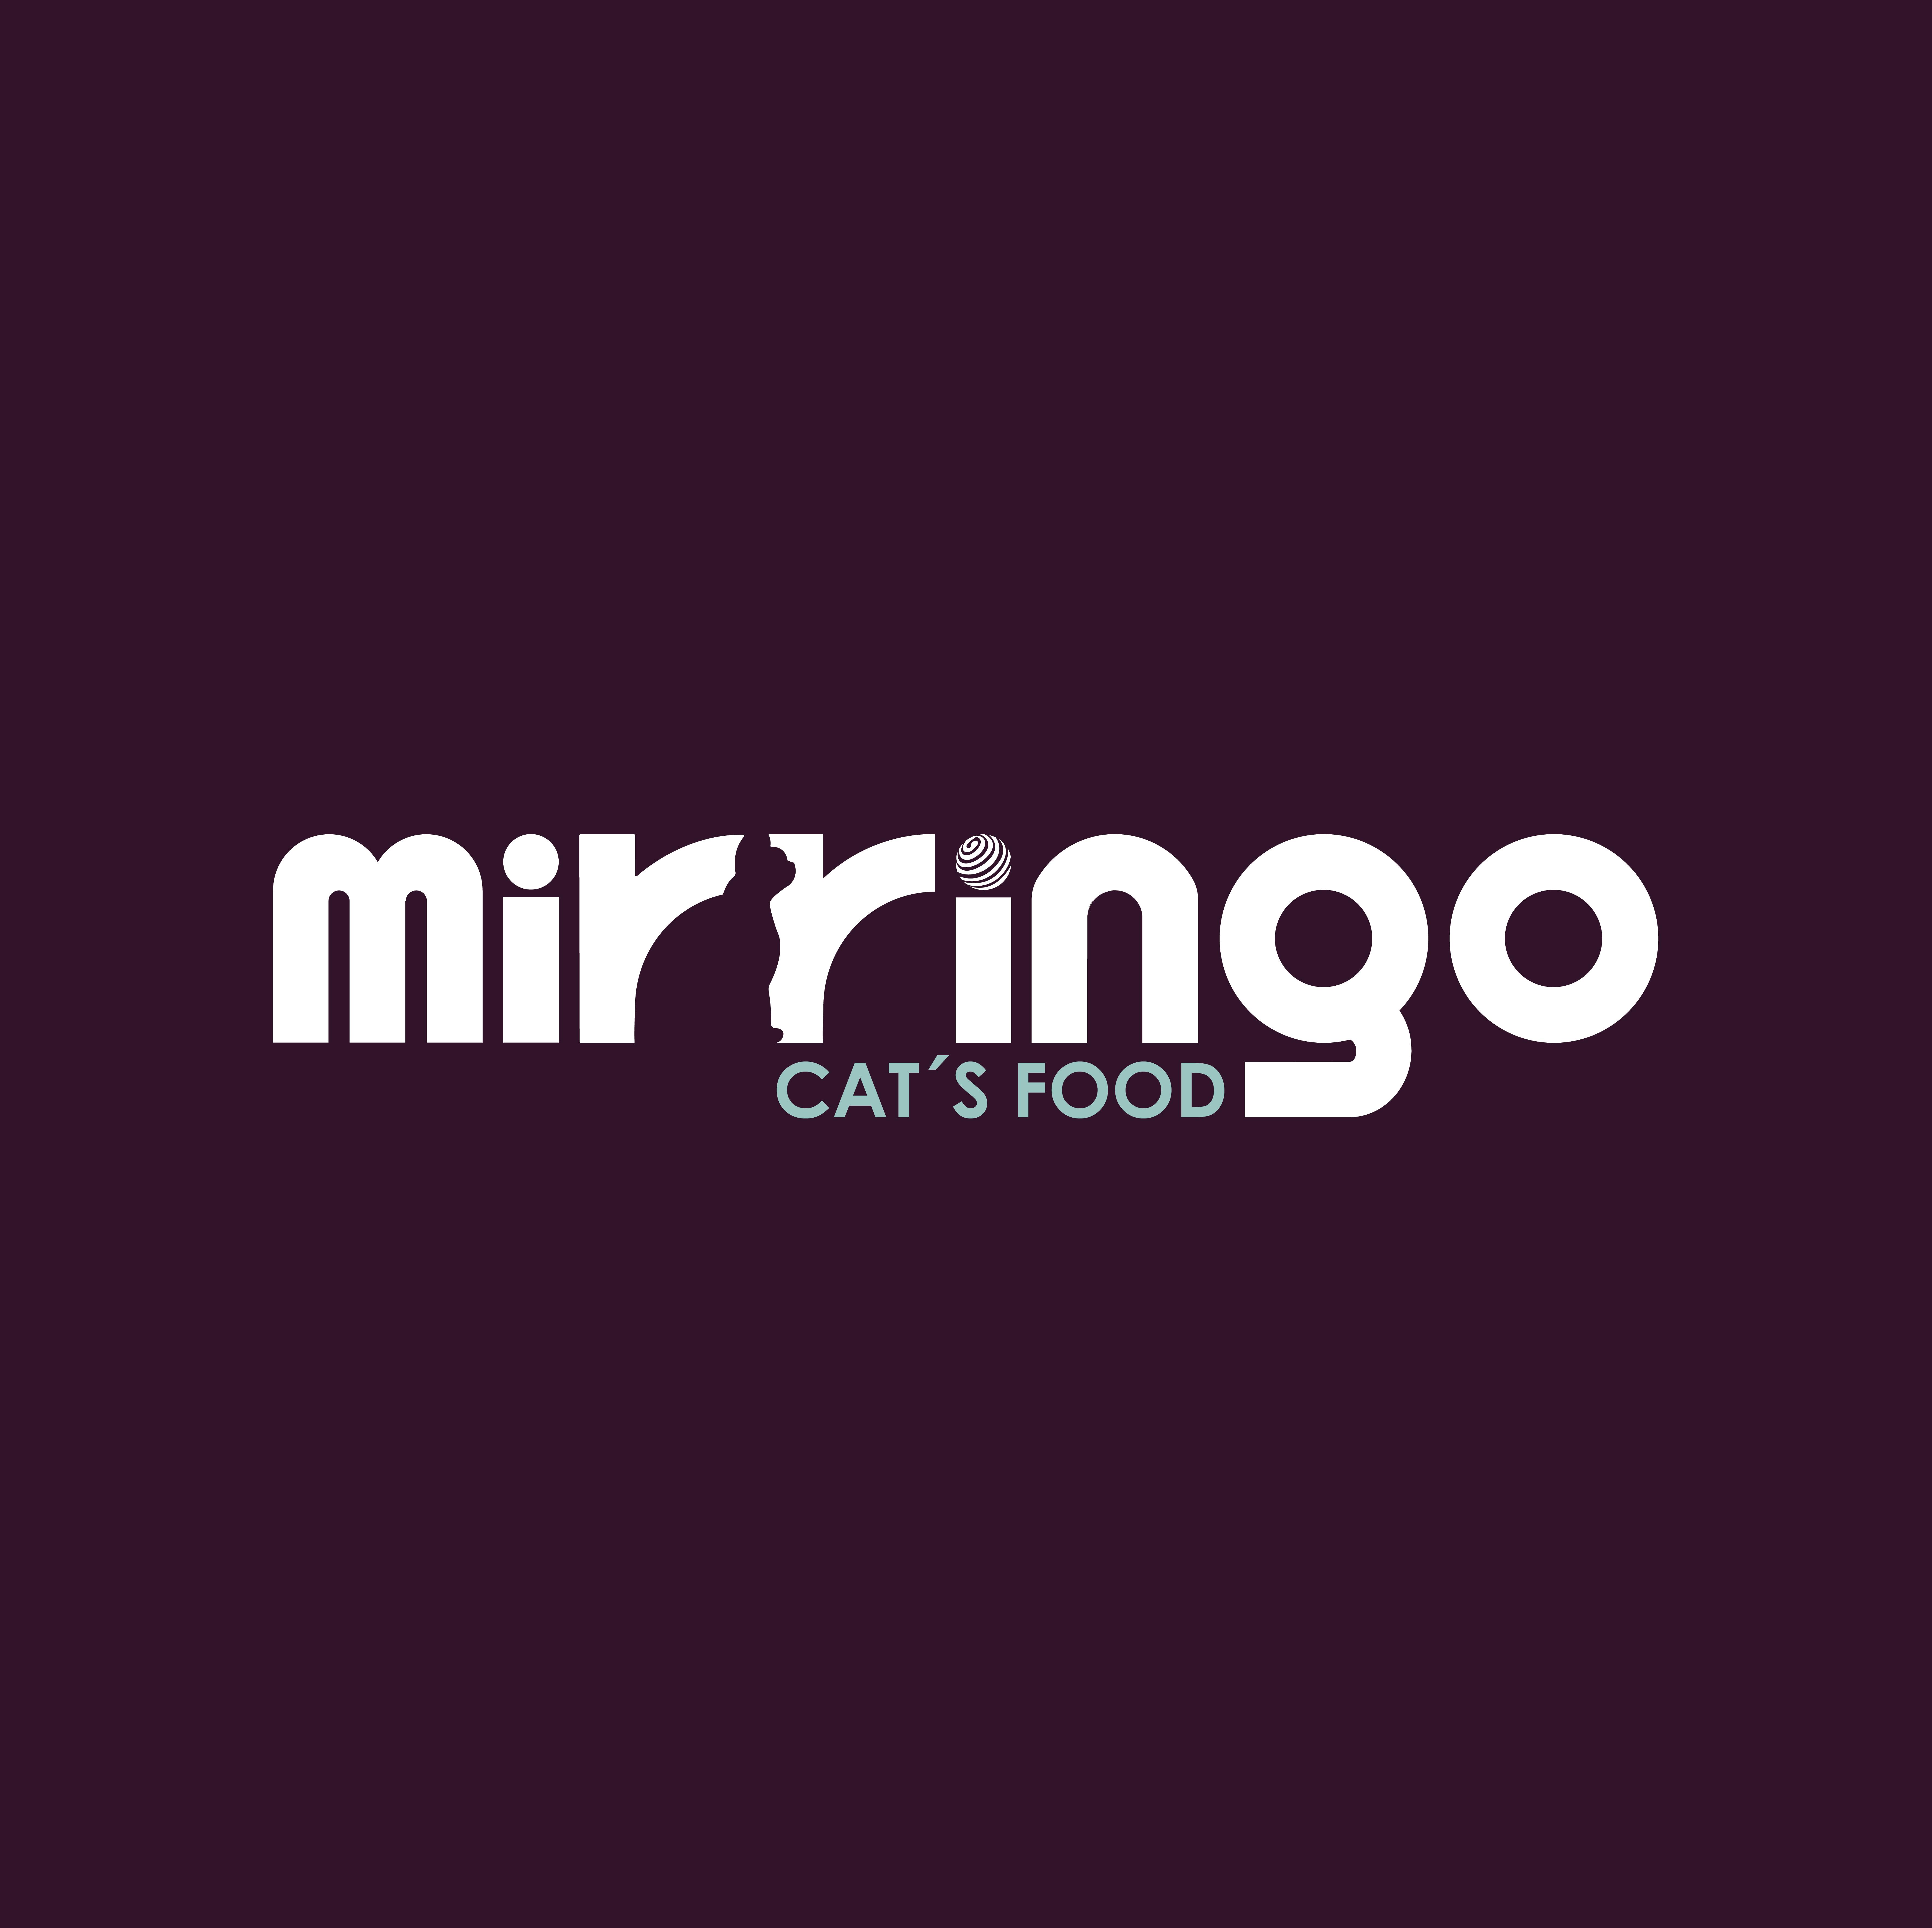 Marca Logo Mirringo (con imágenes) Logos de marcas